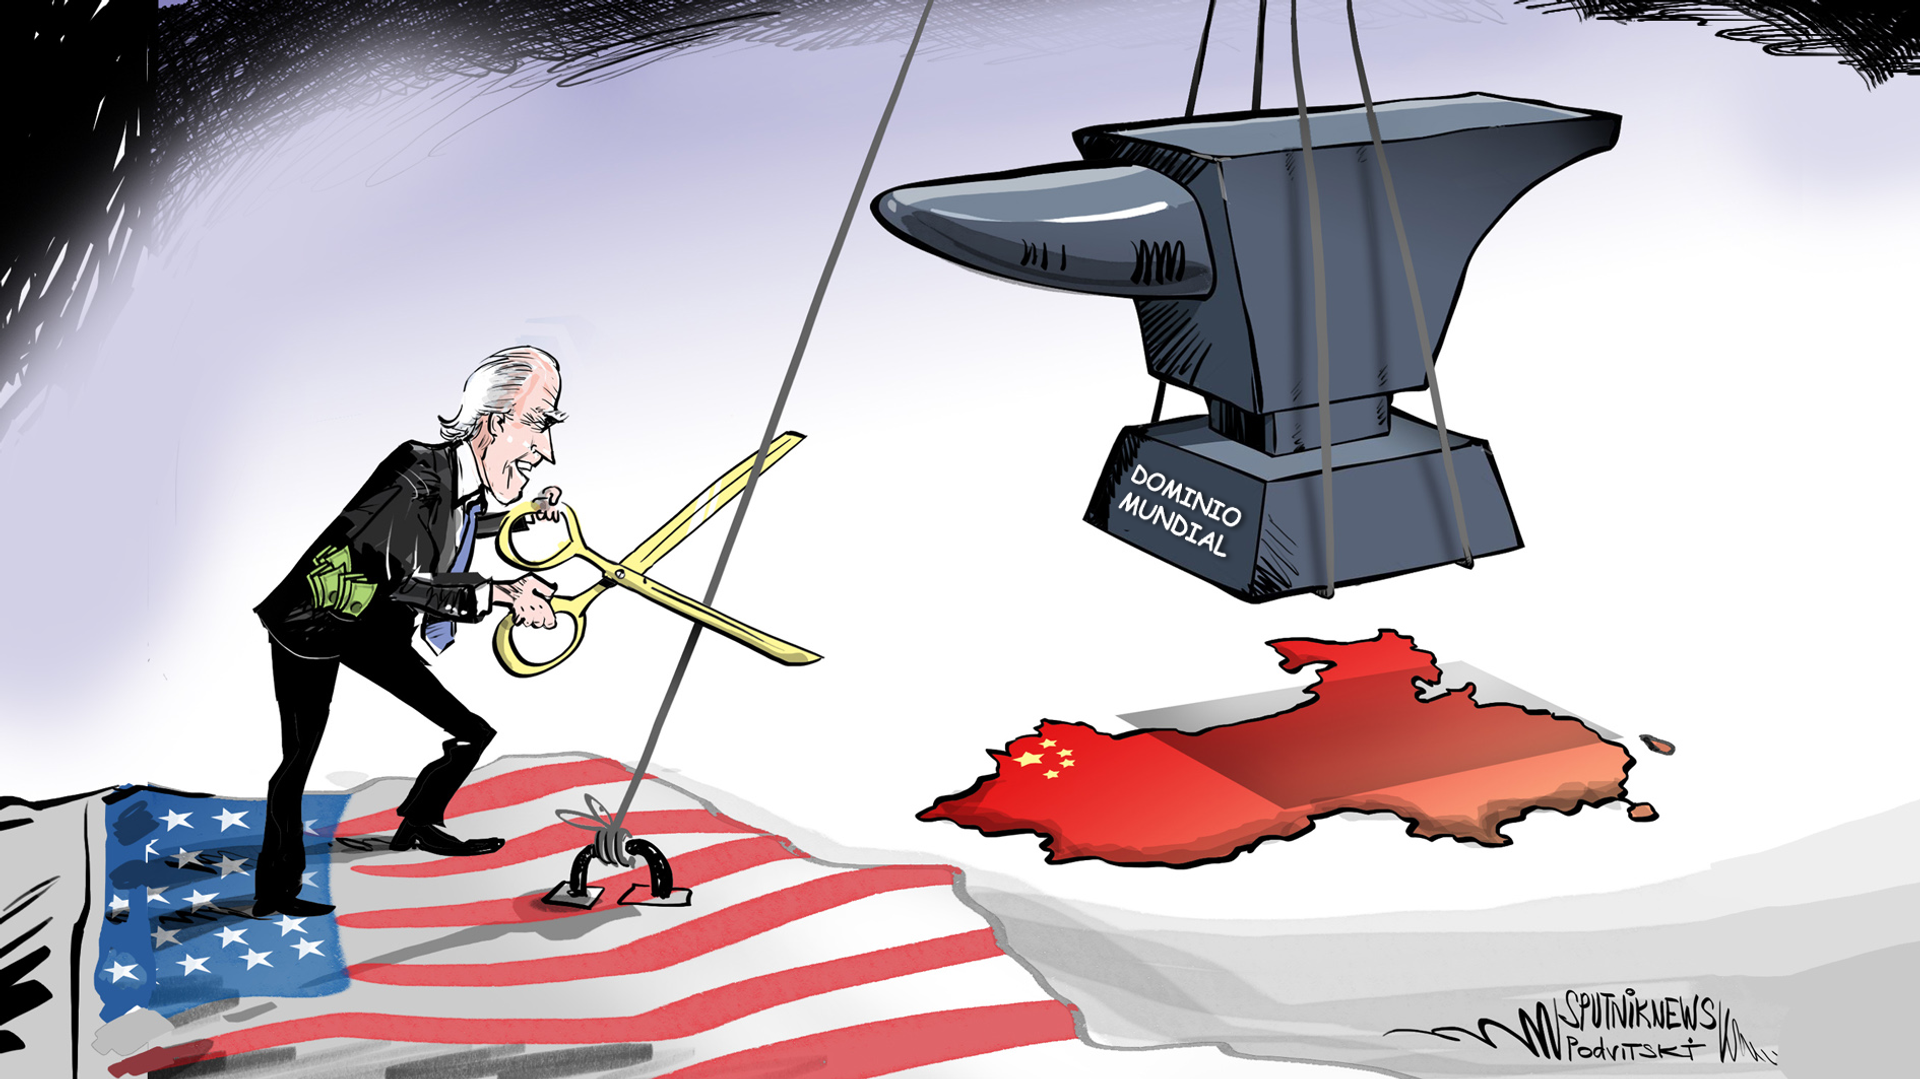 Dominio mundial: la protección de Biden contra el ascenso de China - Sputnik Mundo, 1920, 08.04.2021